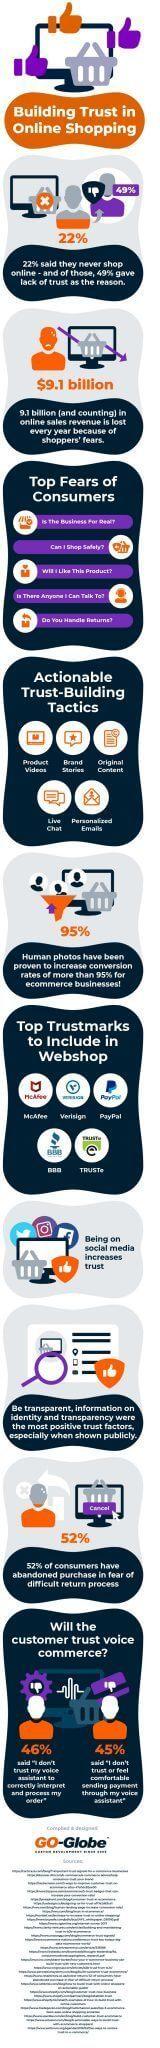 Build Trust in Your eCommerce Website